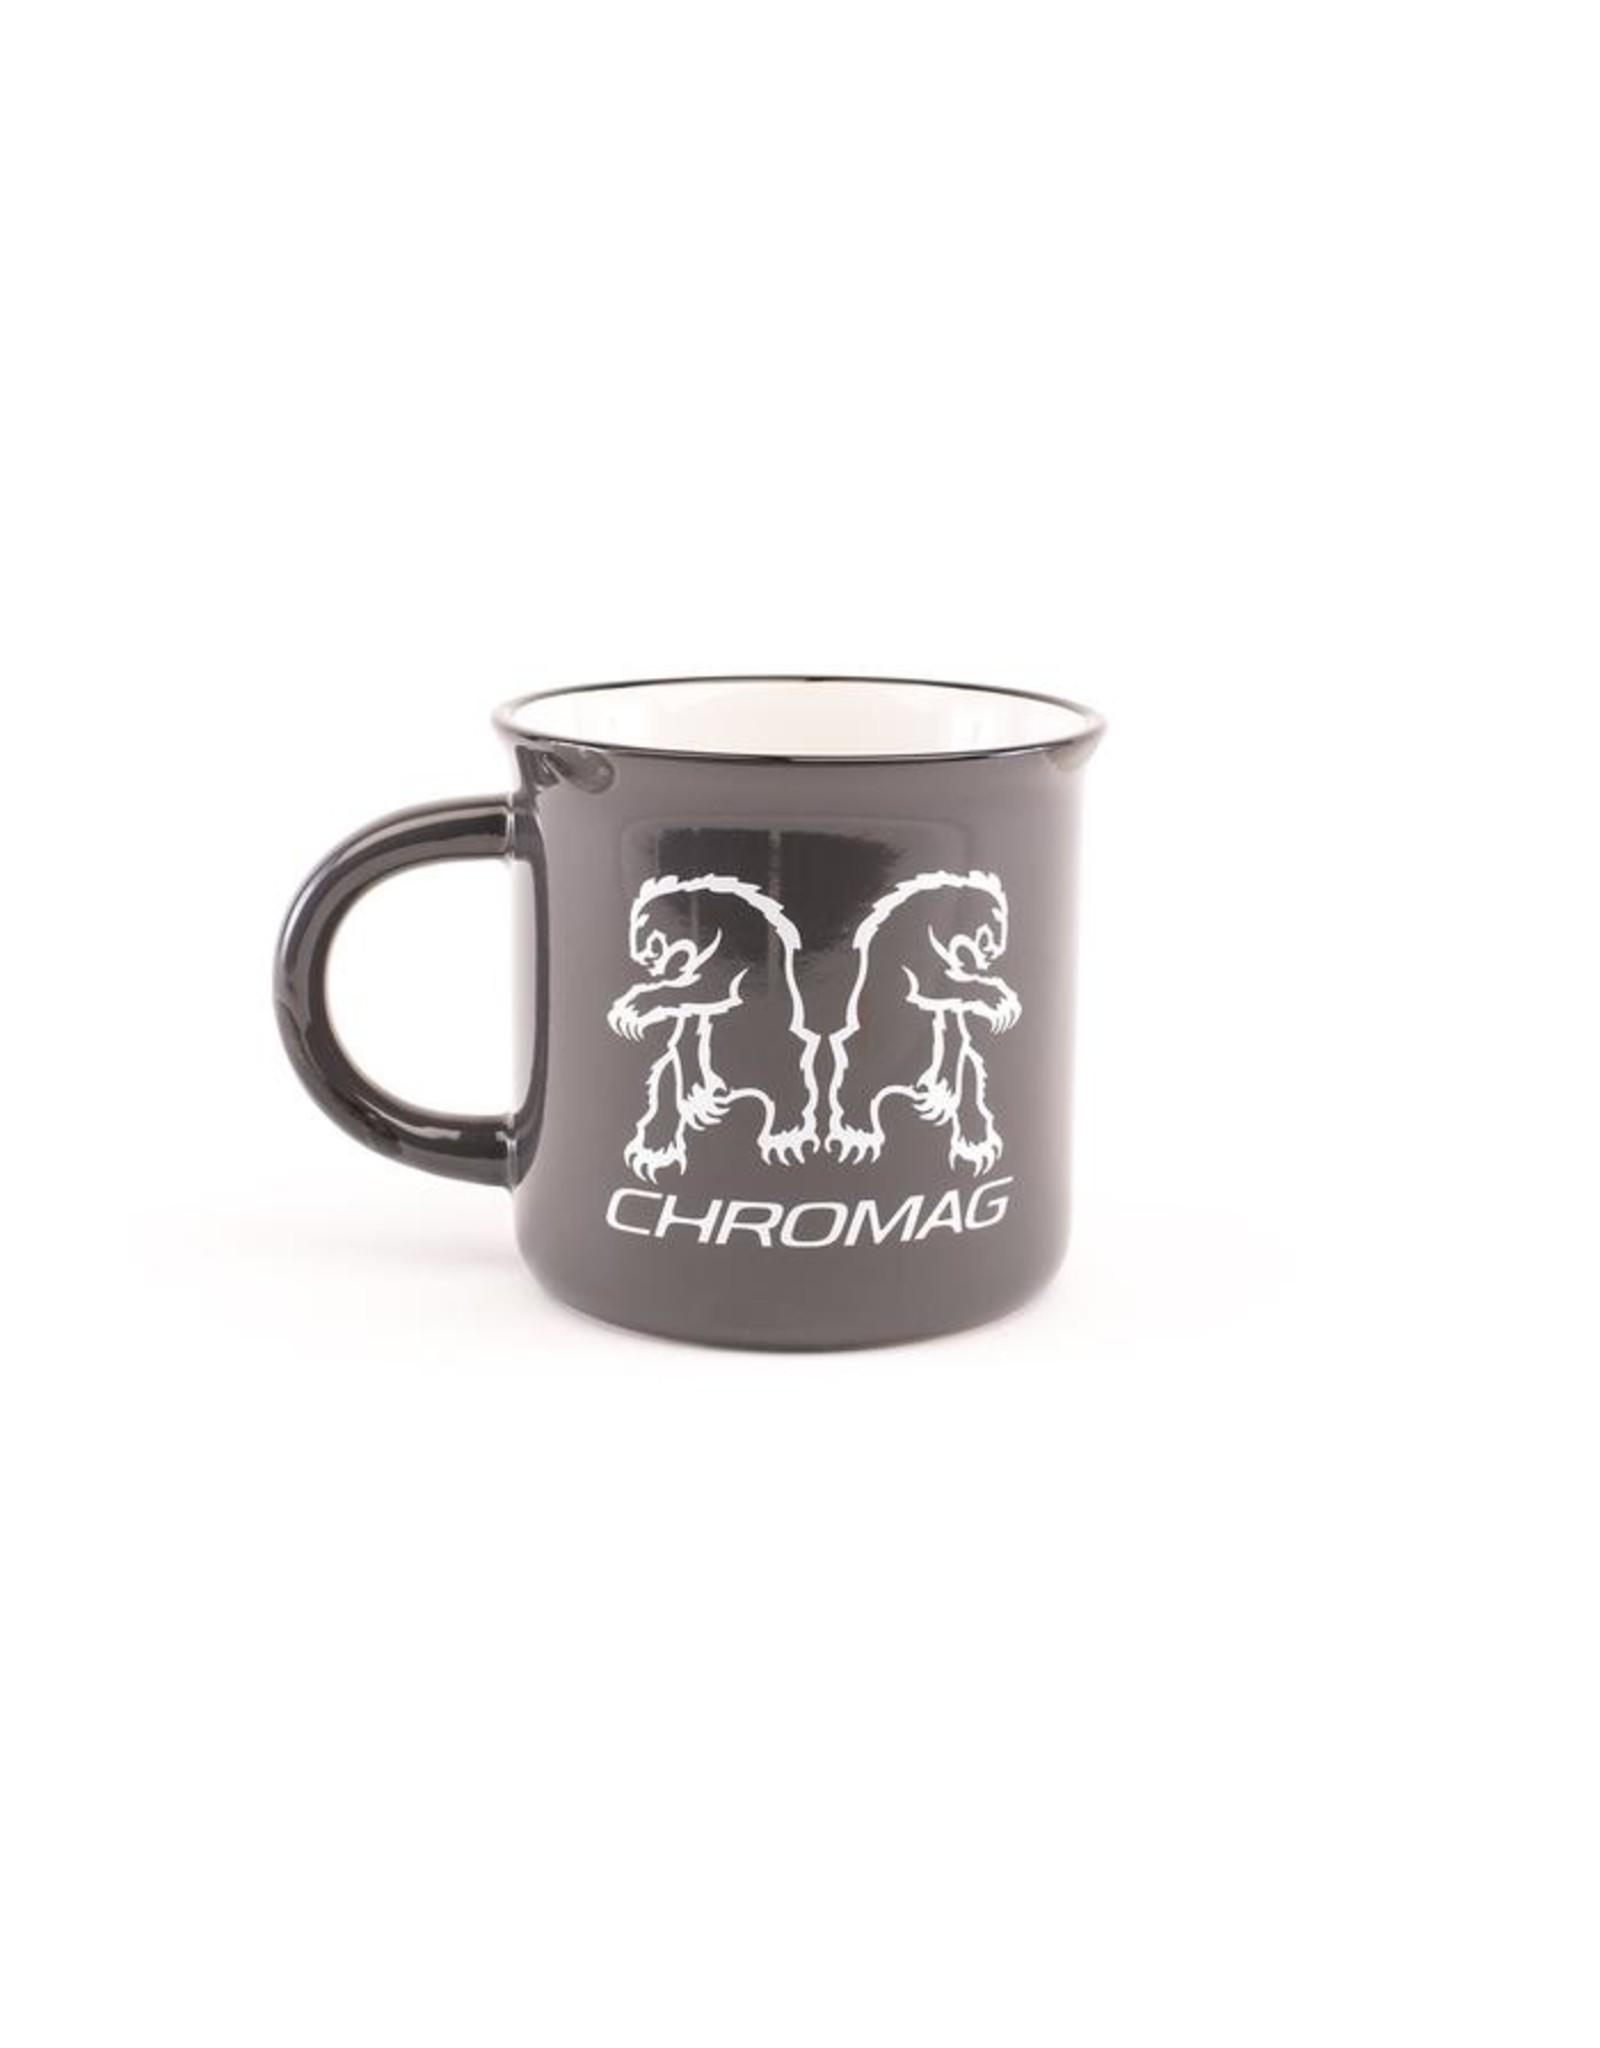 Chromag Chromag Mug Campfire